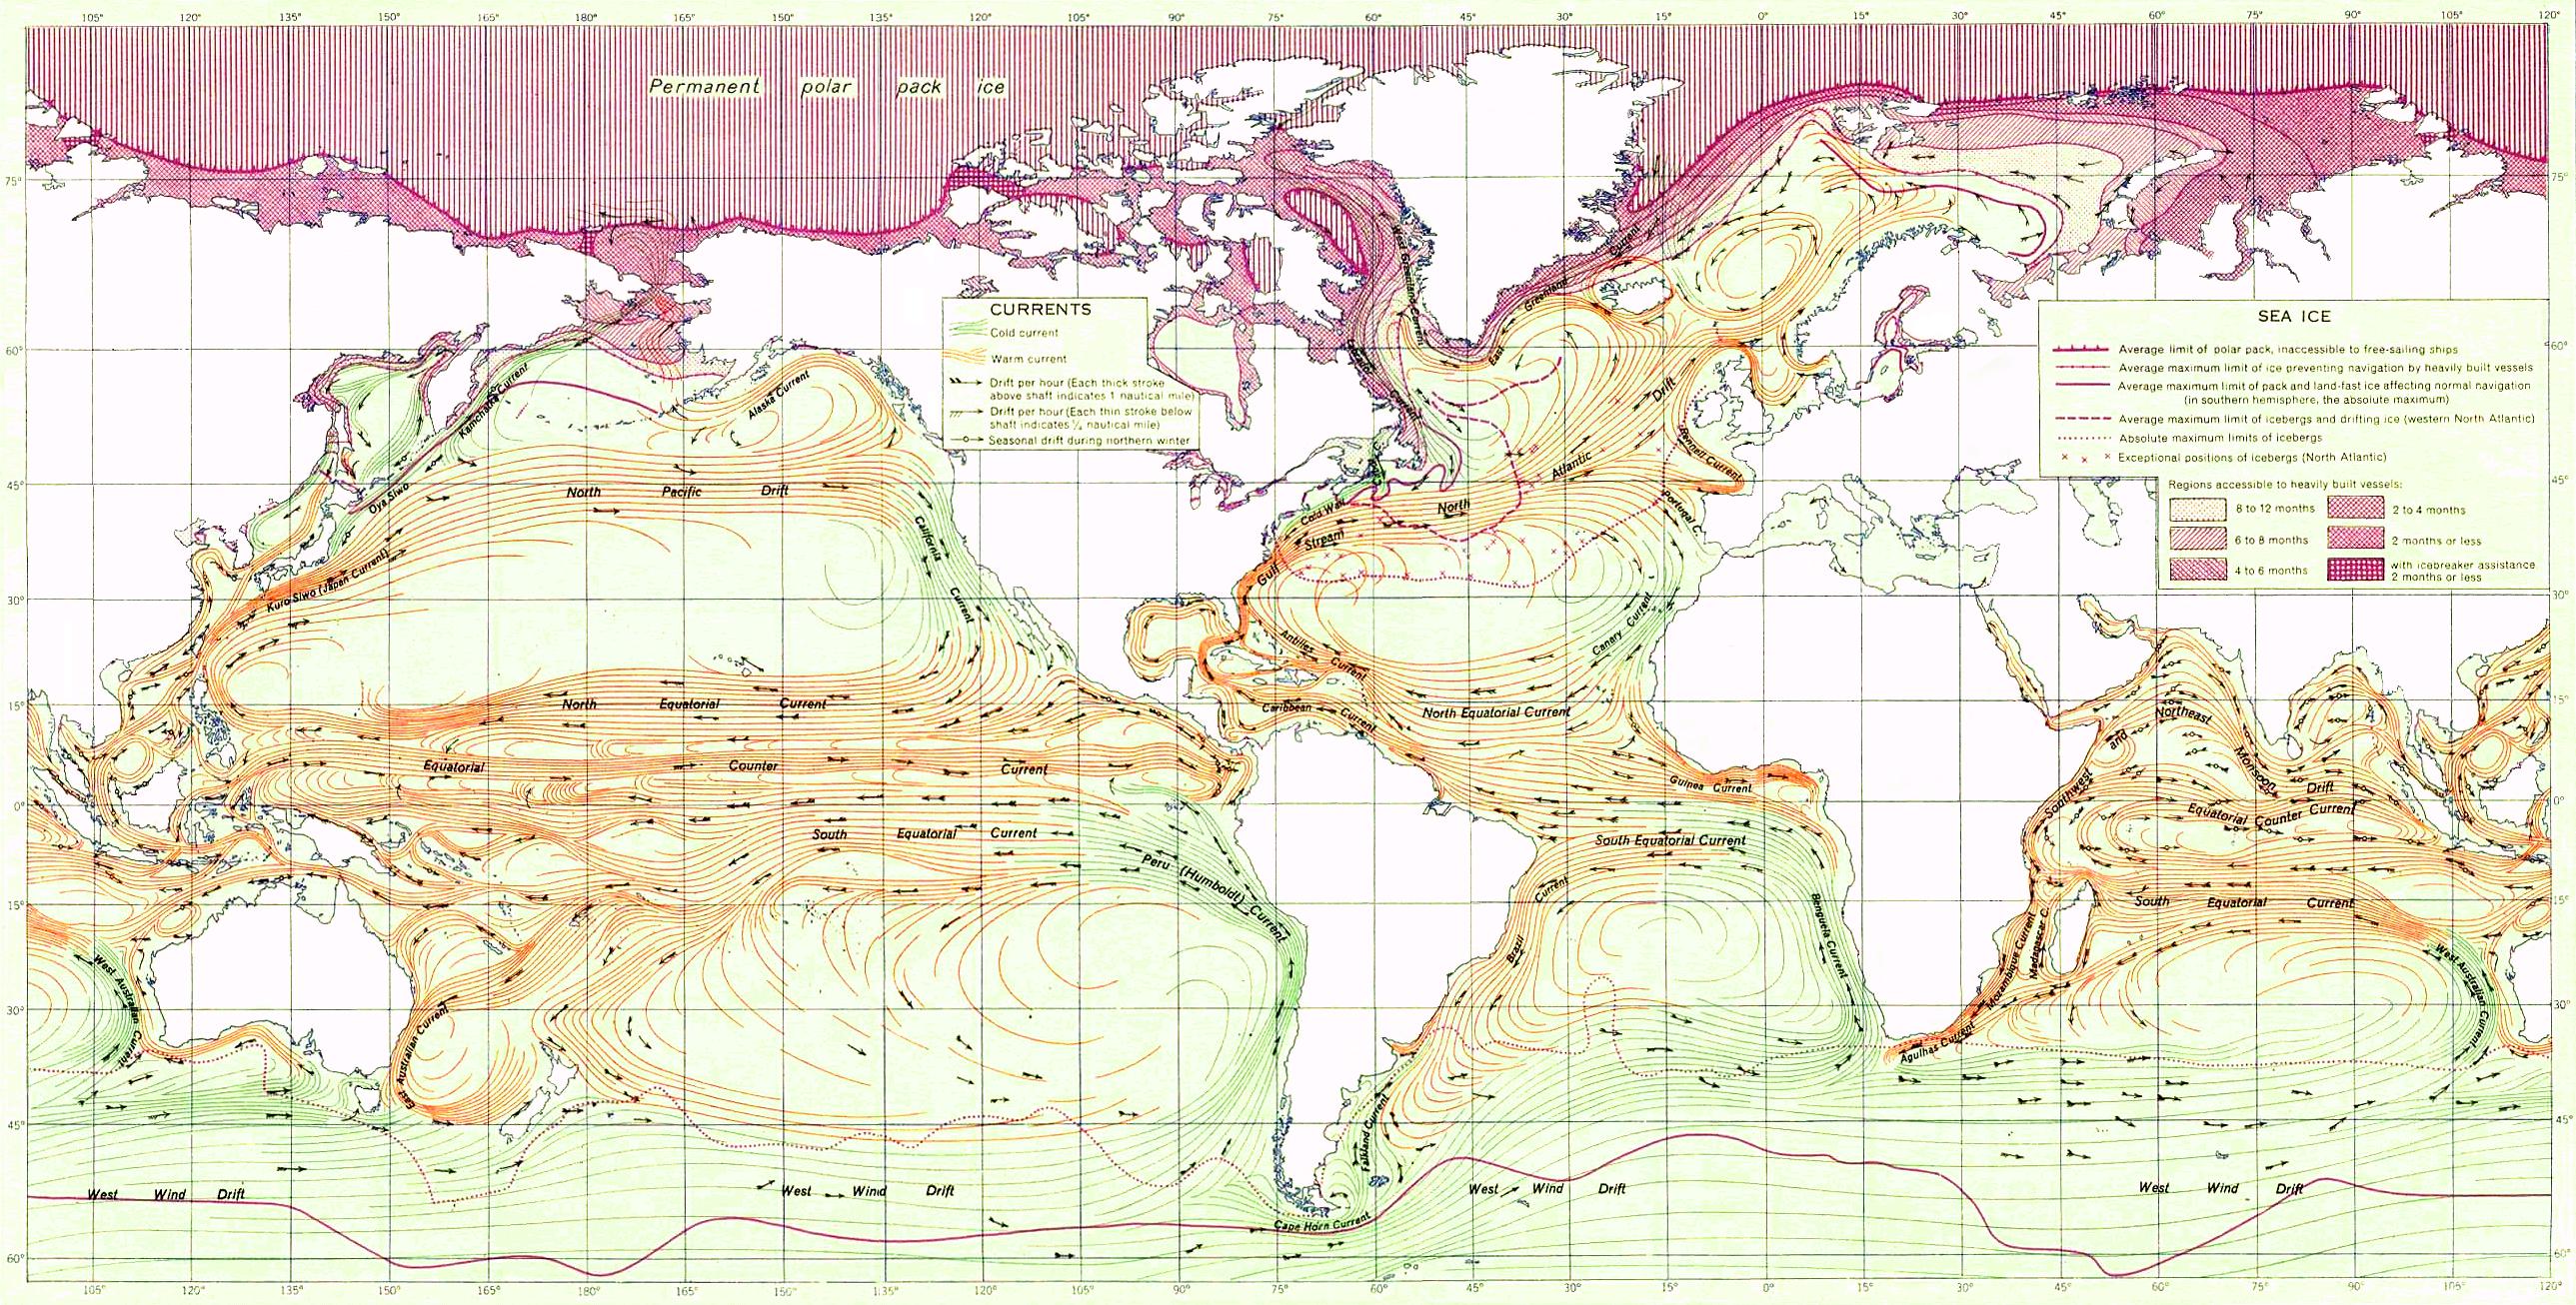 Las corrientes marinas y el hielo marino 1943